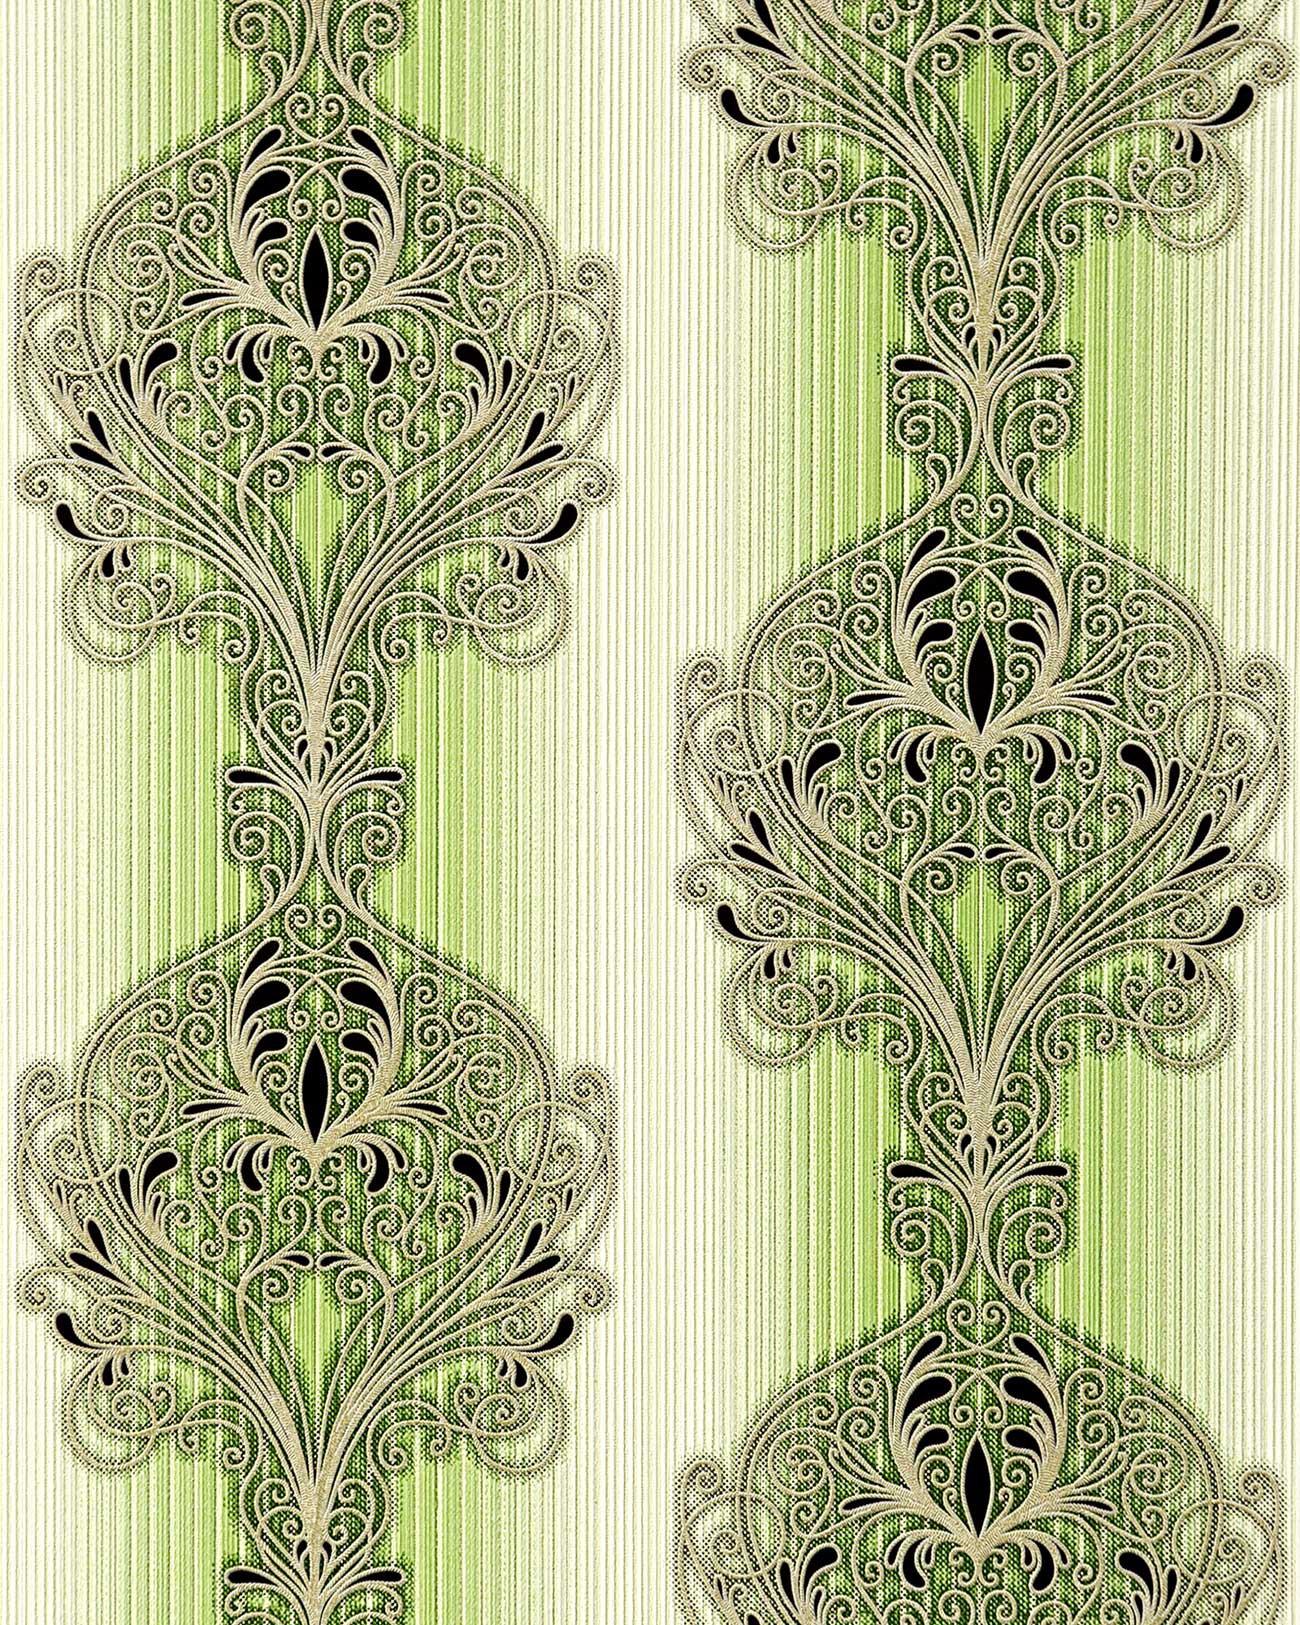 Barock Tapete Schwarz Wei? : Barock Tapete EDEM 096-25 Tapete Damask moderne prunkvolle Ornament